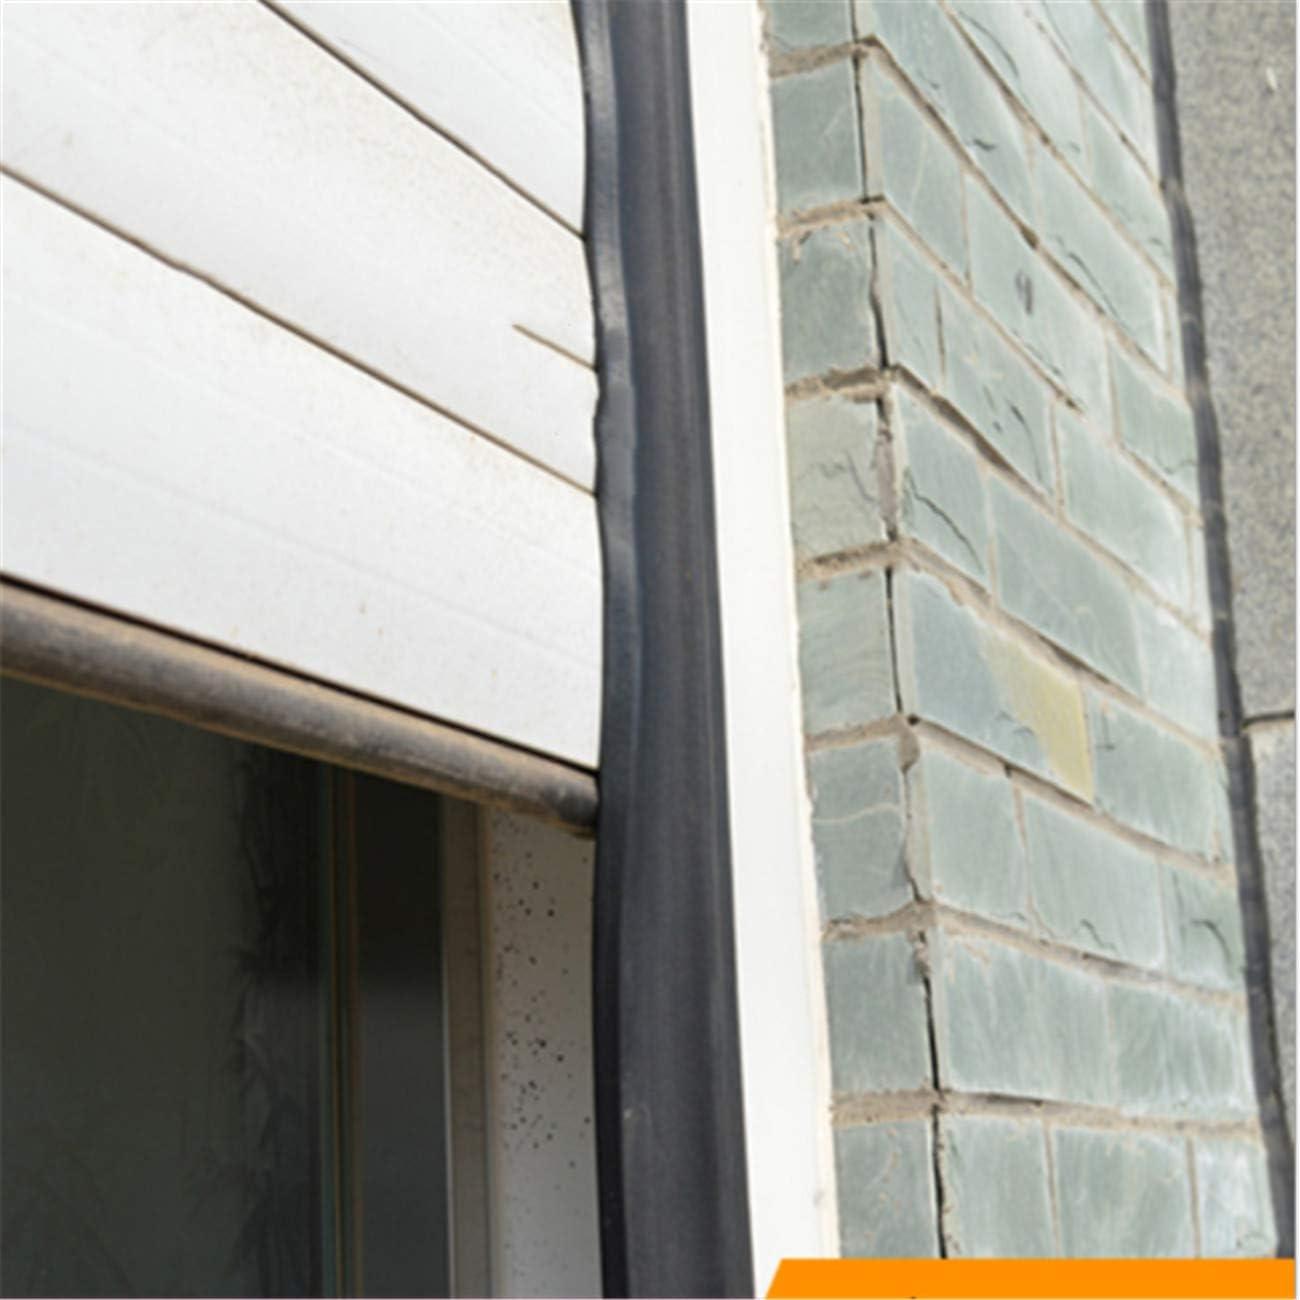 Junta De Puerta De Garaje Grande De 6 M, Parachoques Inferior De Puerta, Tira De Sello Lateral De Puerta De Garaje Espesor 5 Mm: Amazon.es: Bricolaje y herramientas